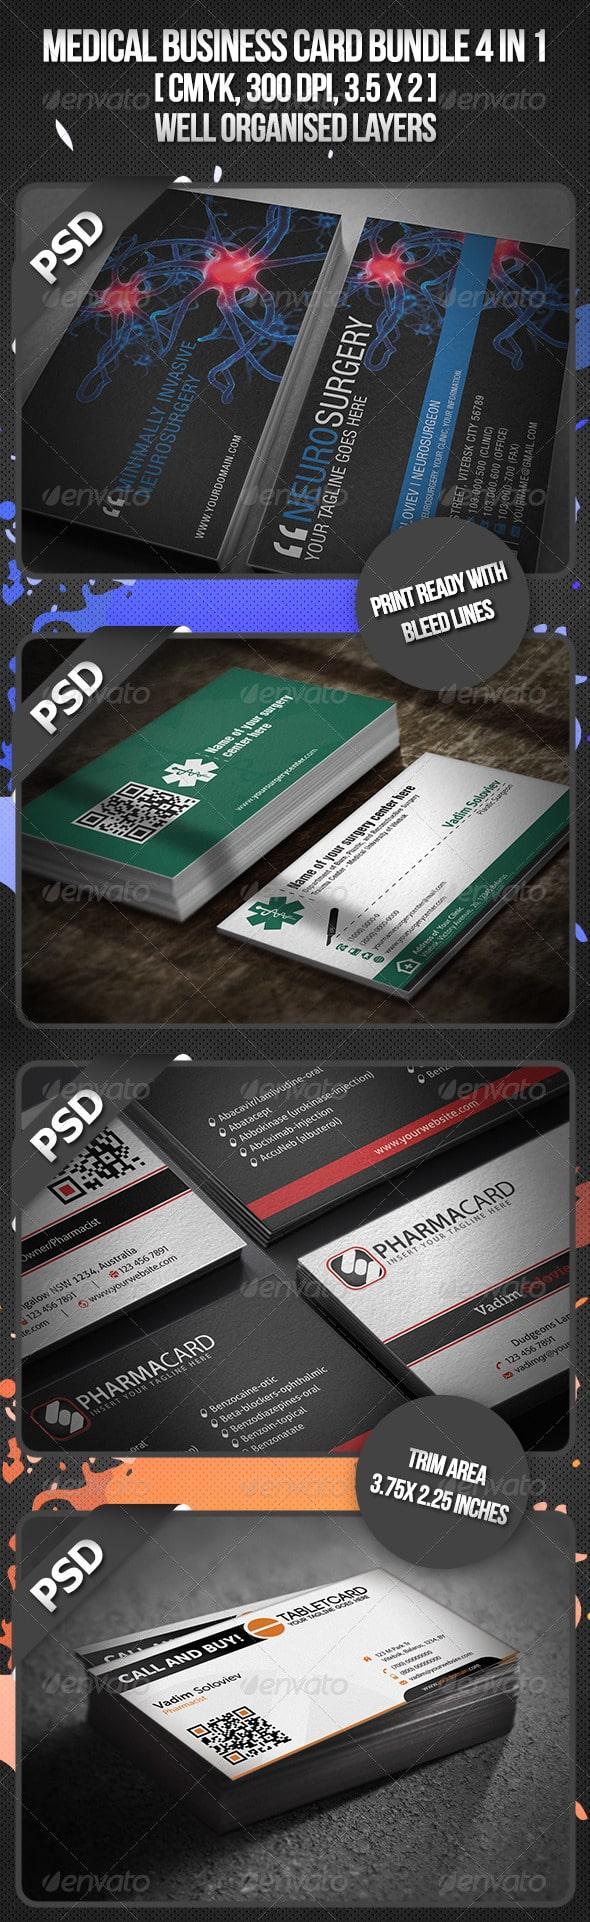 دانلود مجموعه طرح لایه باز کارت ویزیت پزشکی 3614392